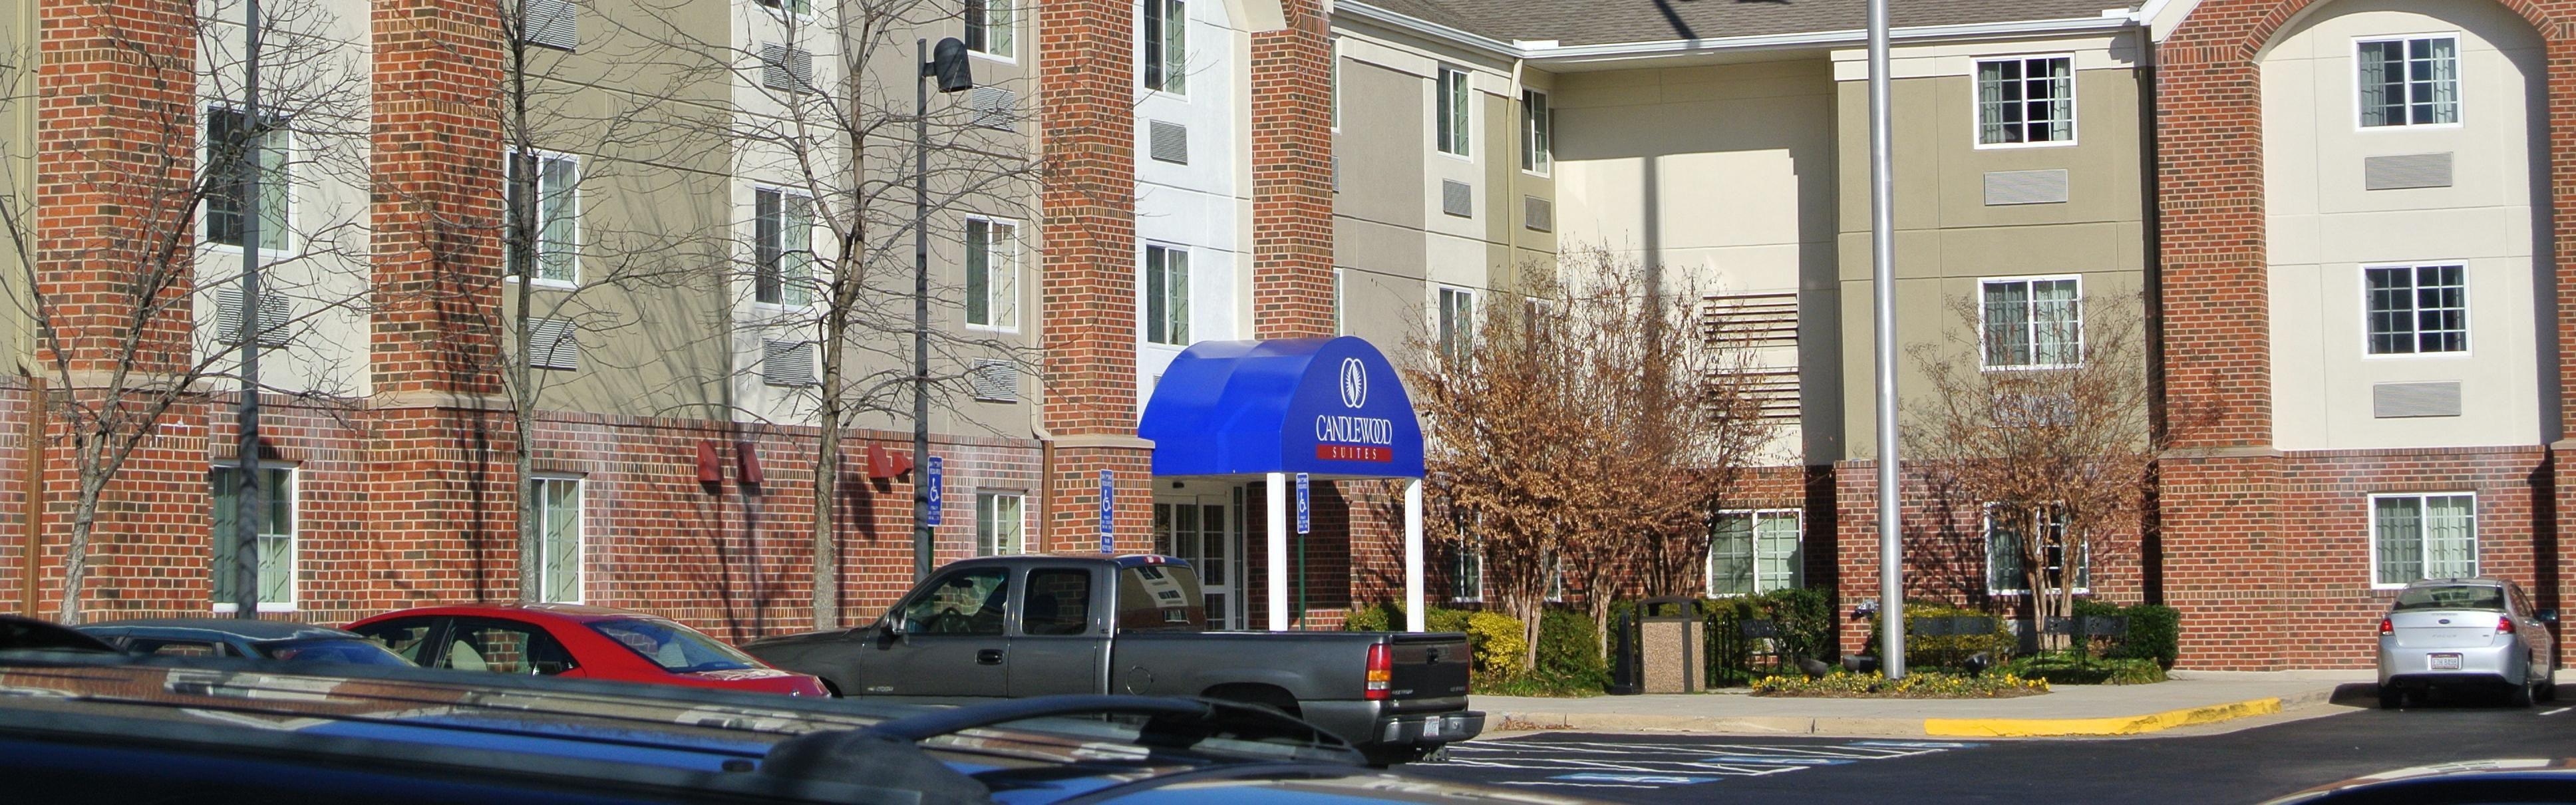 Candlewood Suites Washington-Fairfax image 0